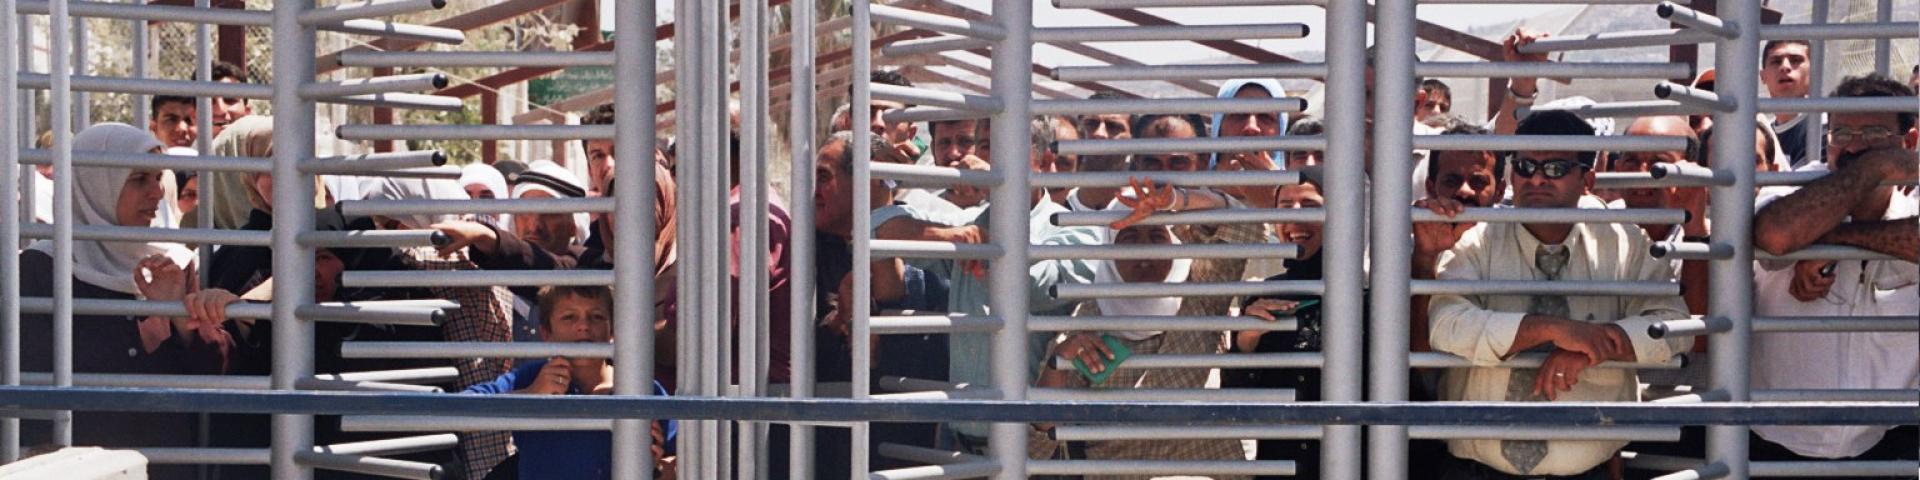 פלסטנים מעבר לסורגי המחסומים בדרך לישראל